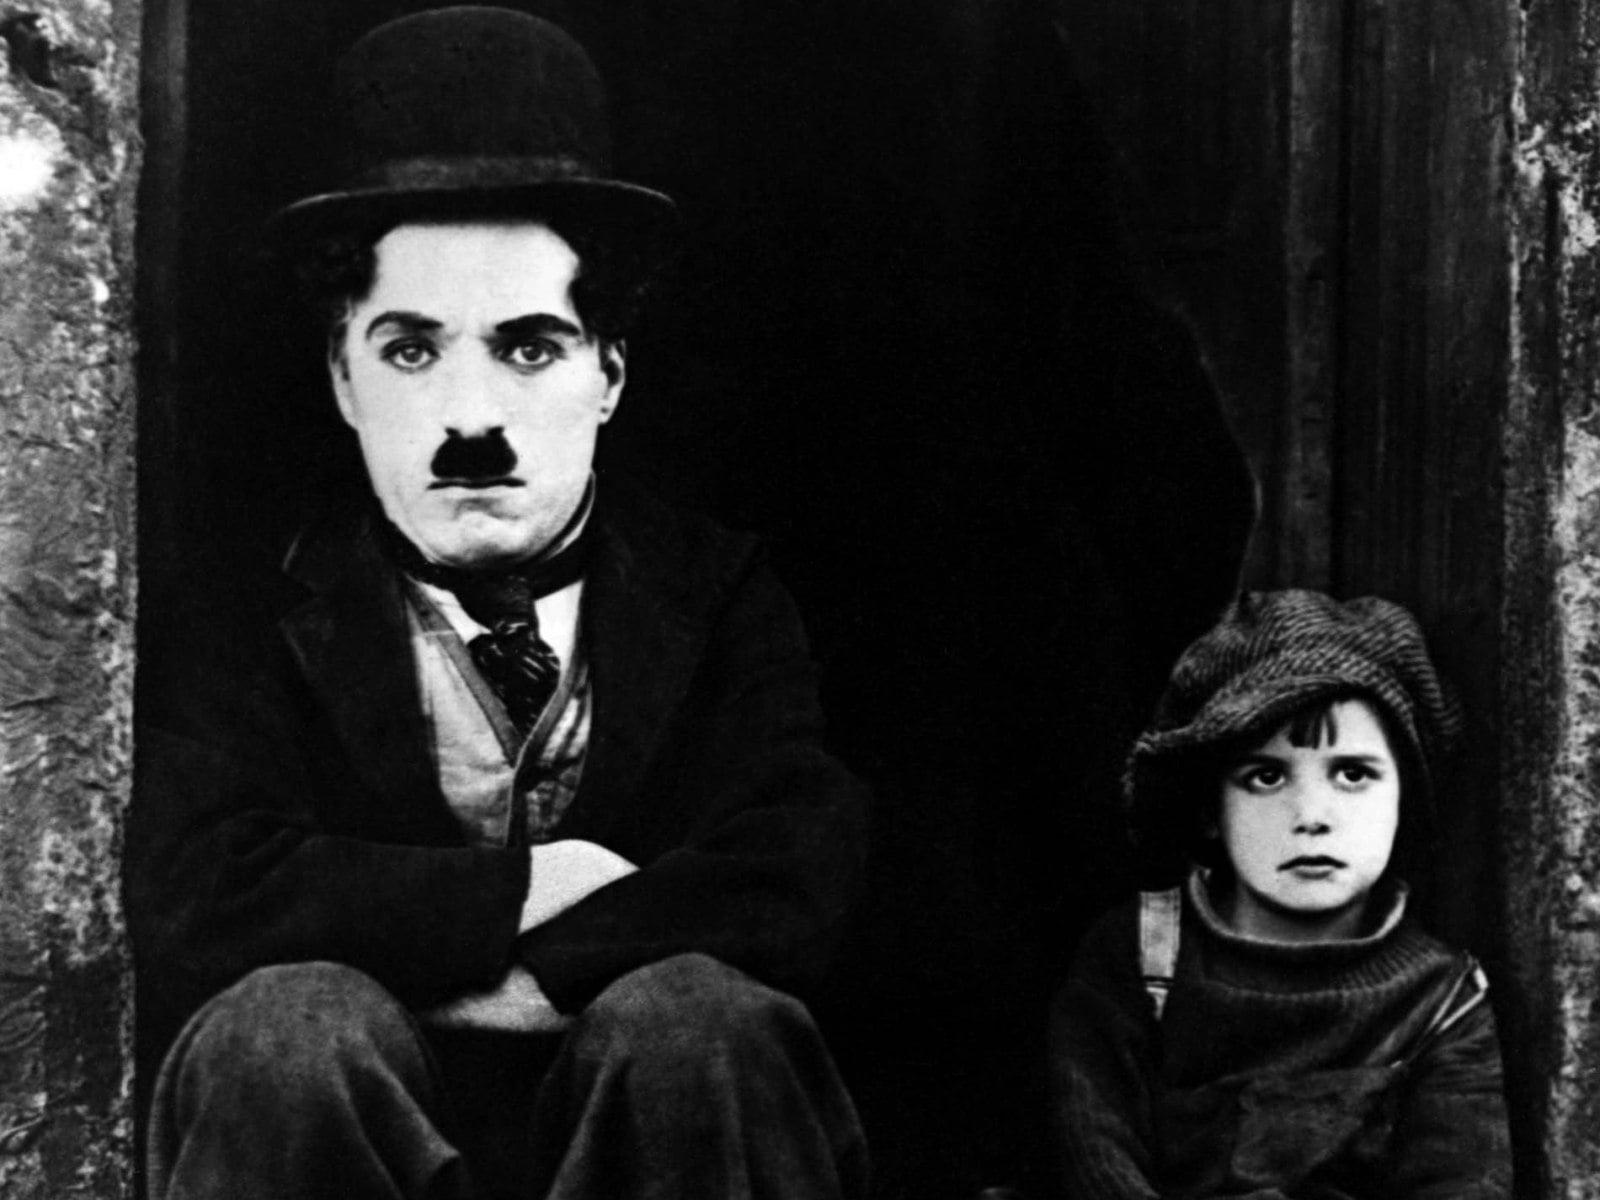 Charles Chaplin High